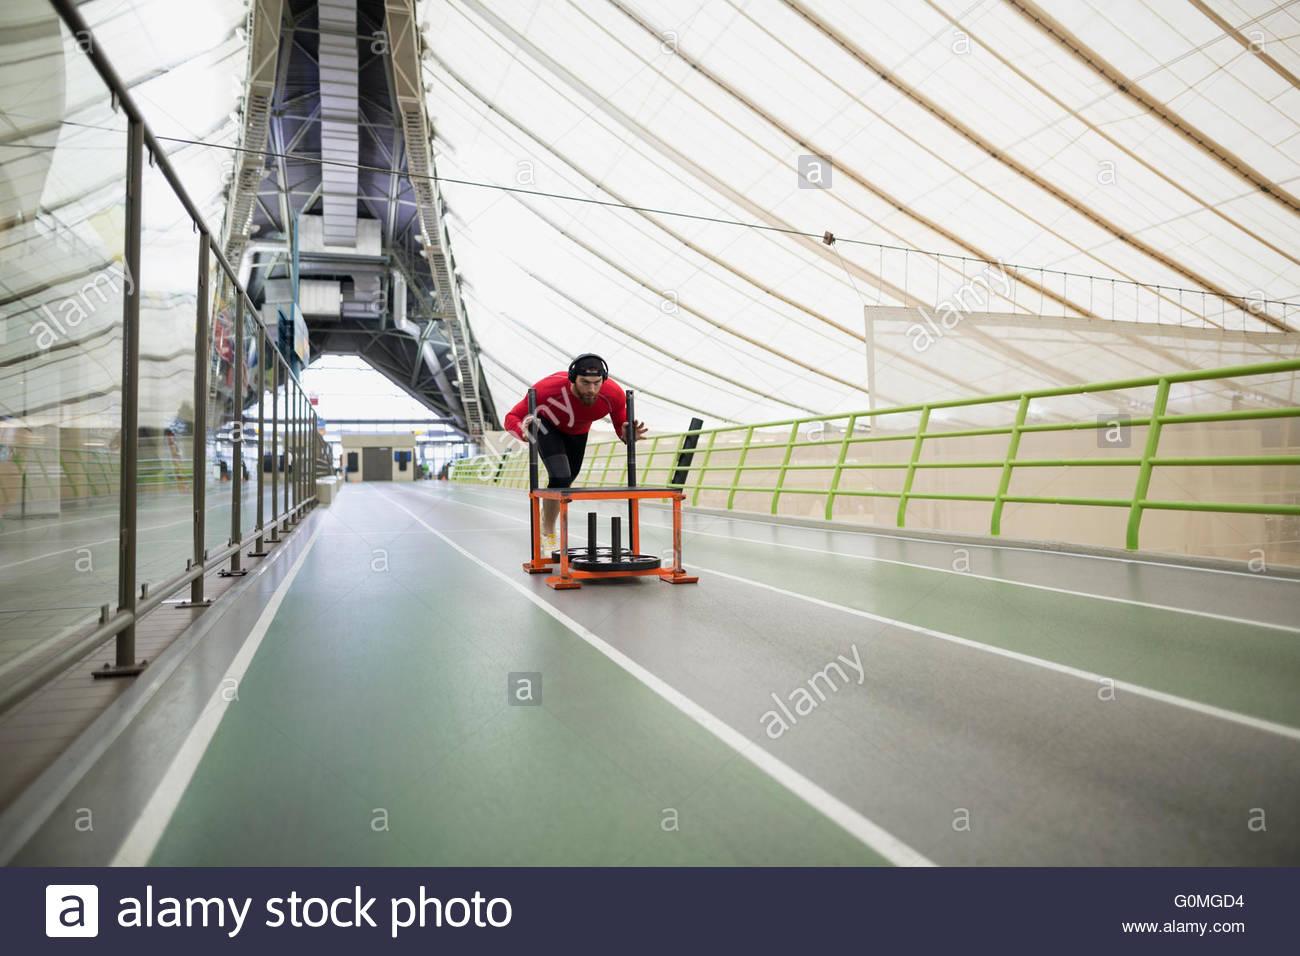 Läufer sprinten Schlitten auf indoor-Bahn schieben Stockbild